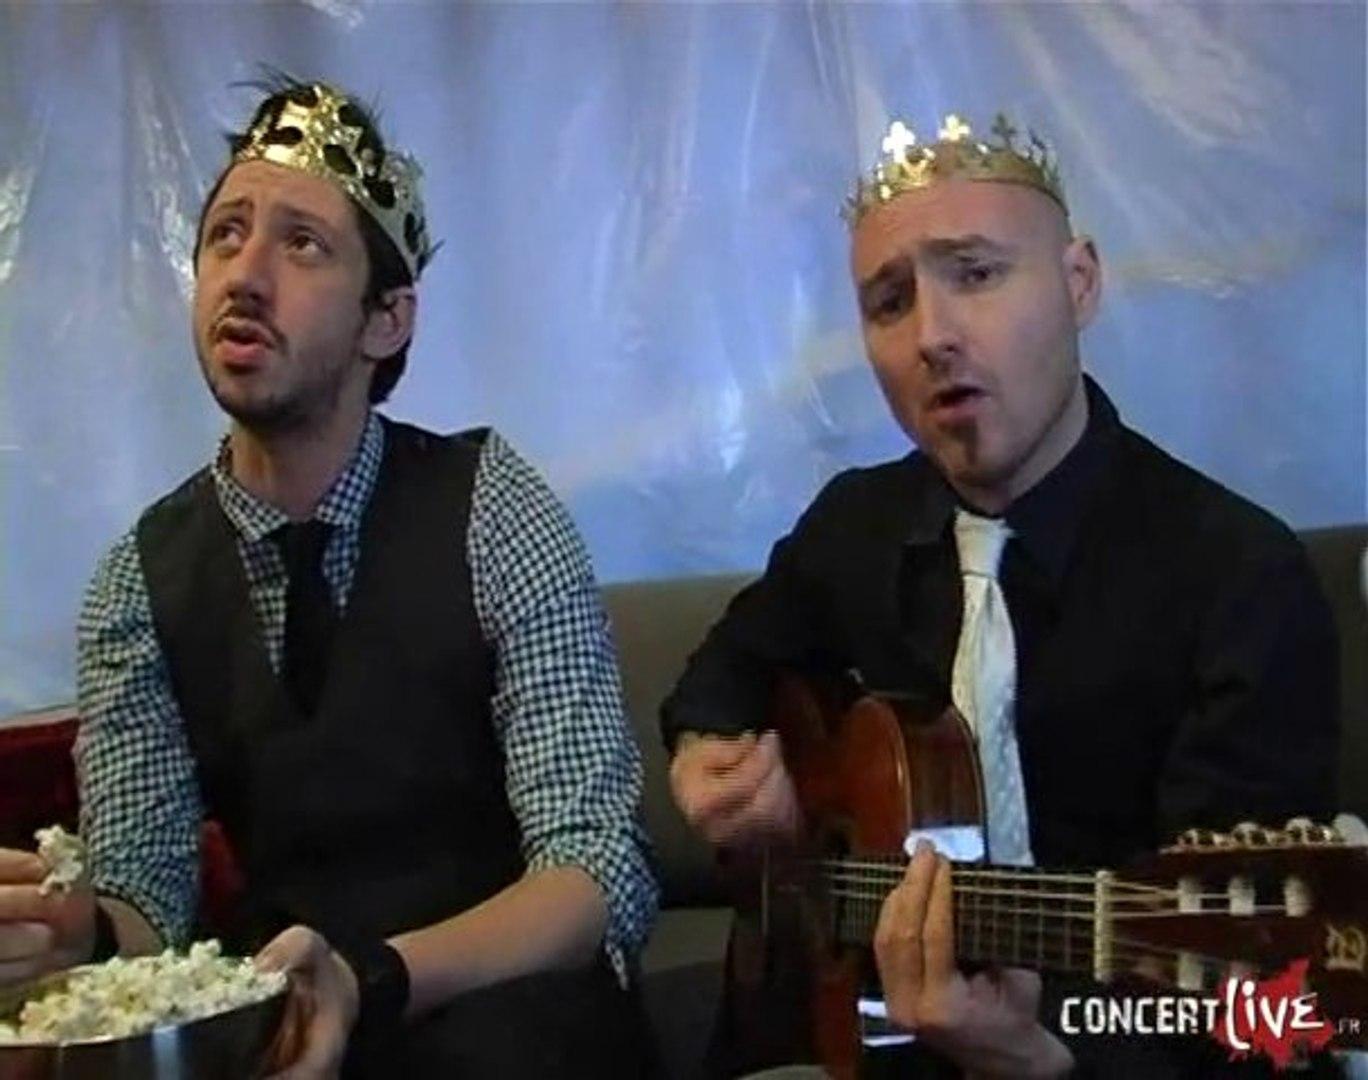 Les Rois de la Suède : Humour, popcorn & Balkan Zouk